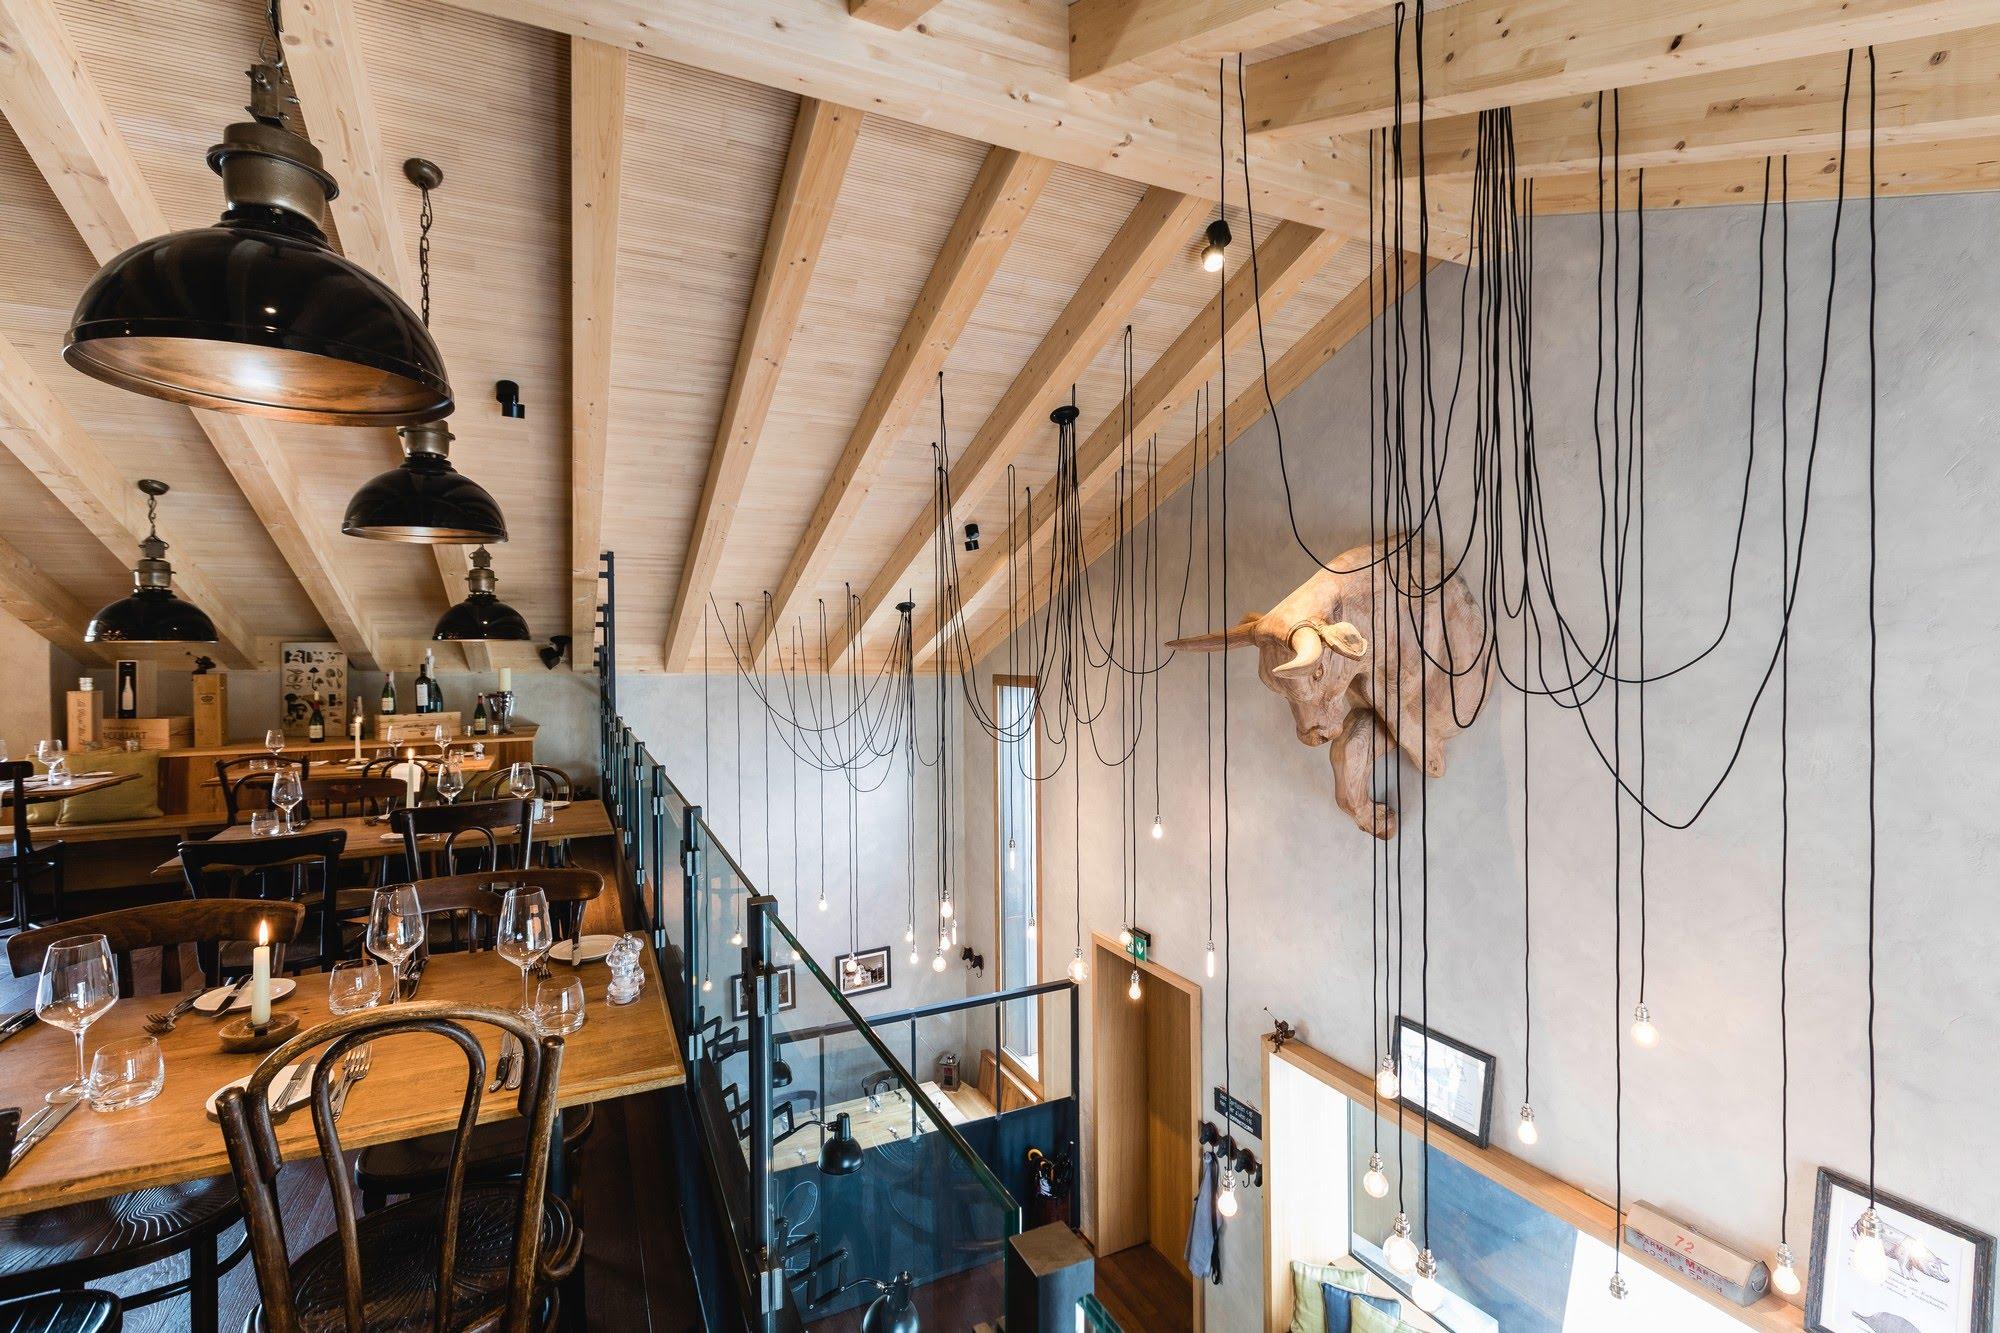 Gewerbe Restaurant OX'n in Schenkon Architektur,Wohnungsbau,Wohnhäuser,Einfamilienhäuser,Mehrfamilienhäuser